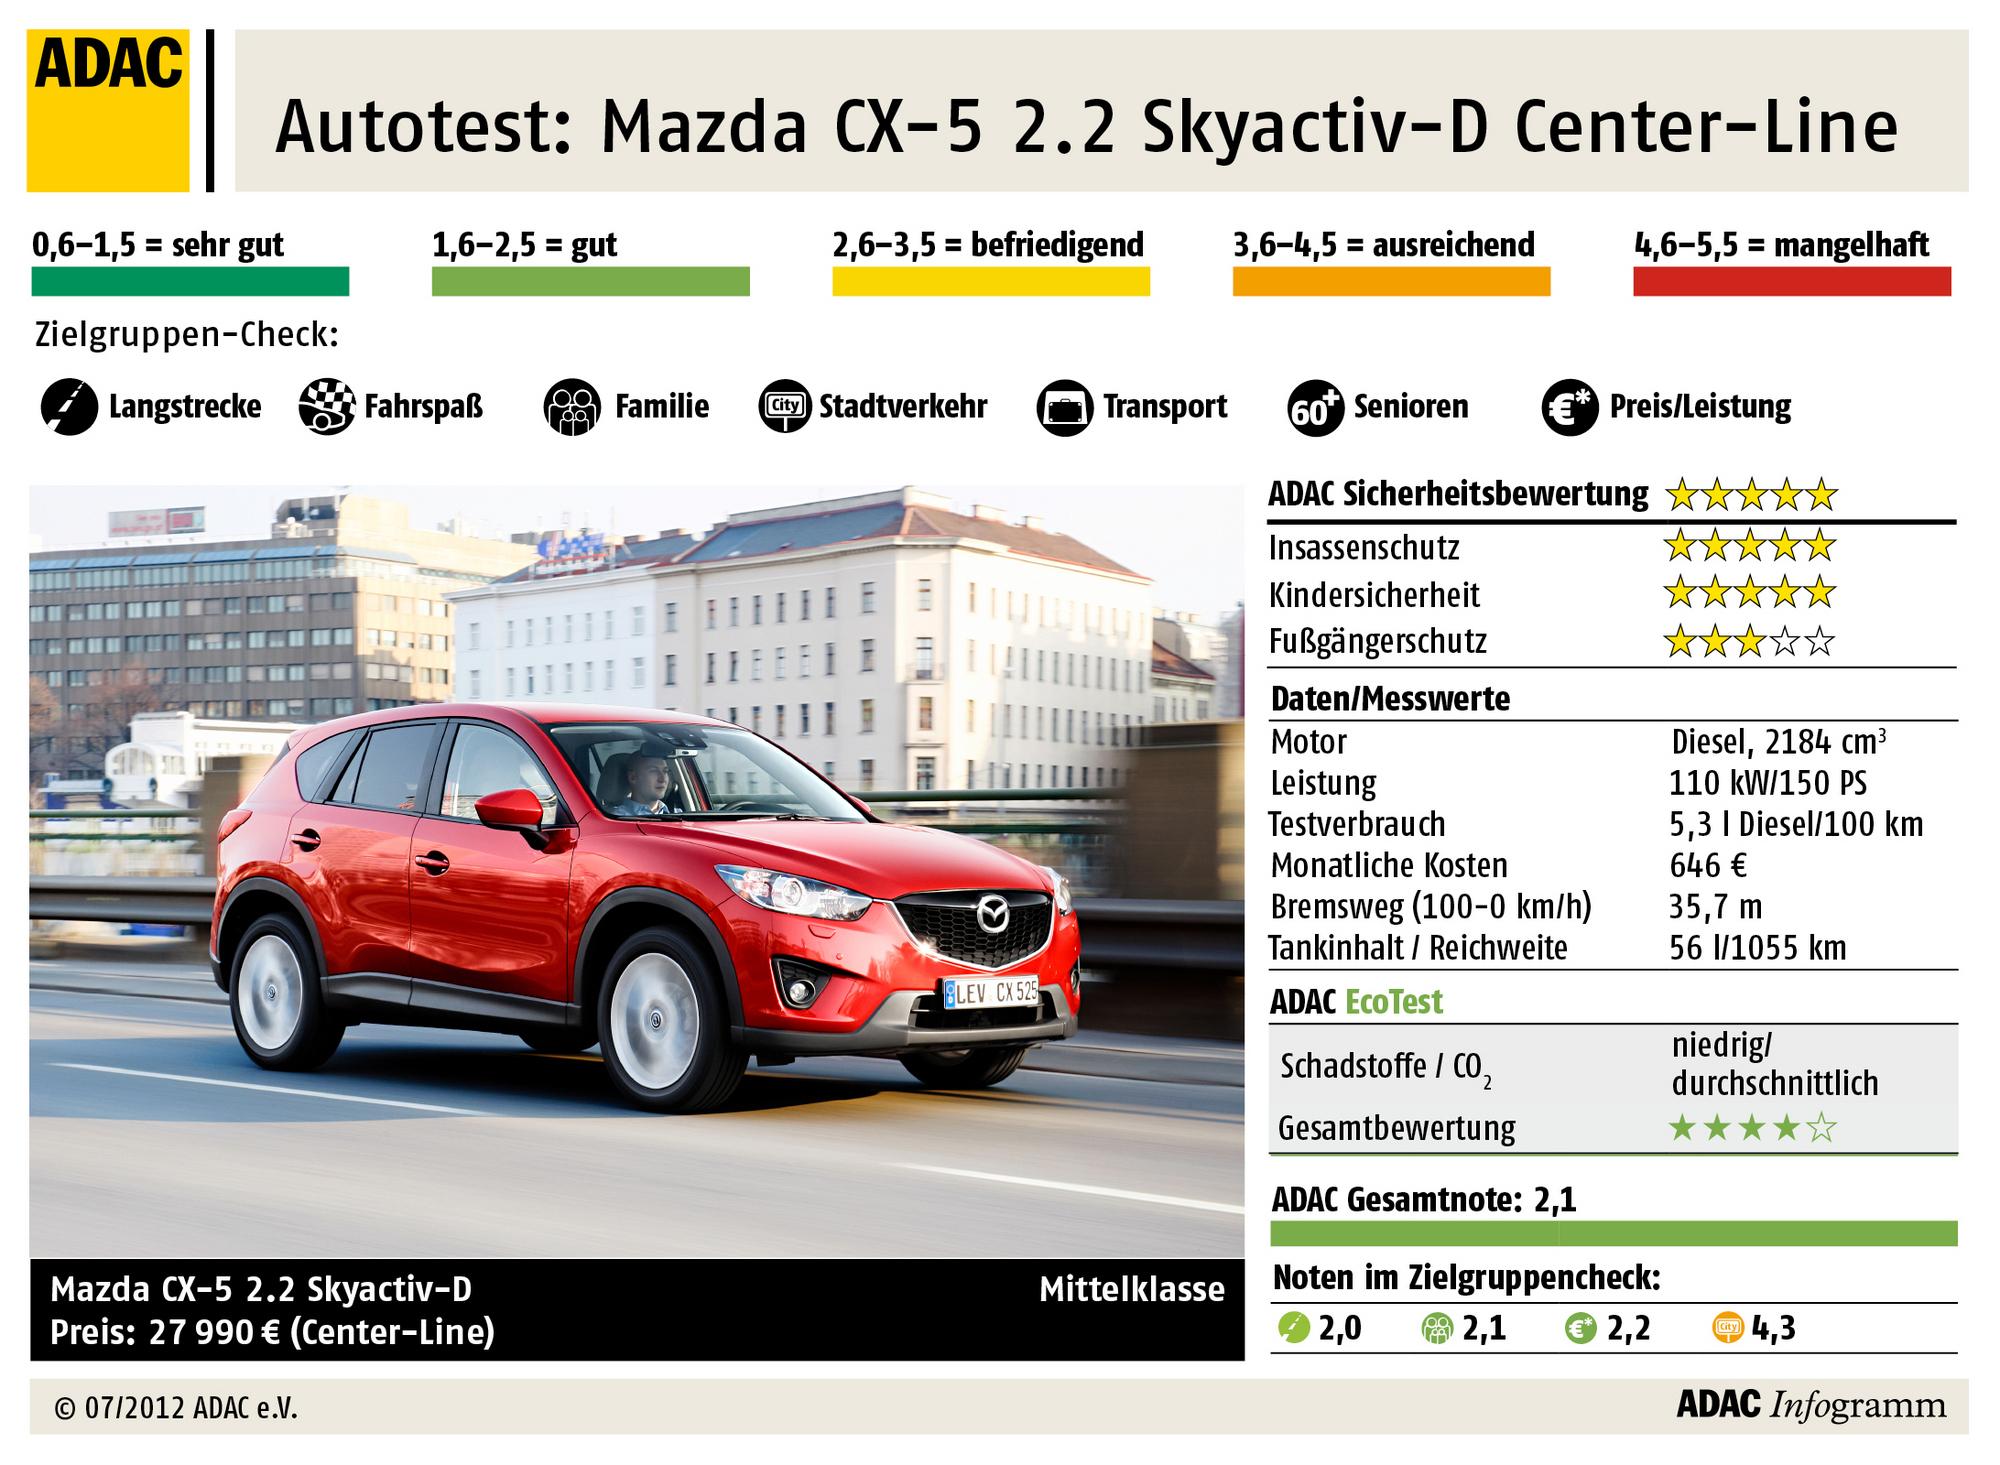 der mazda cx-5 im adac-test slideshow :: de.autoviva